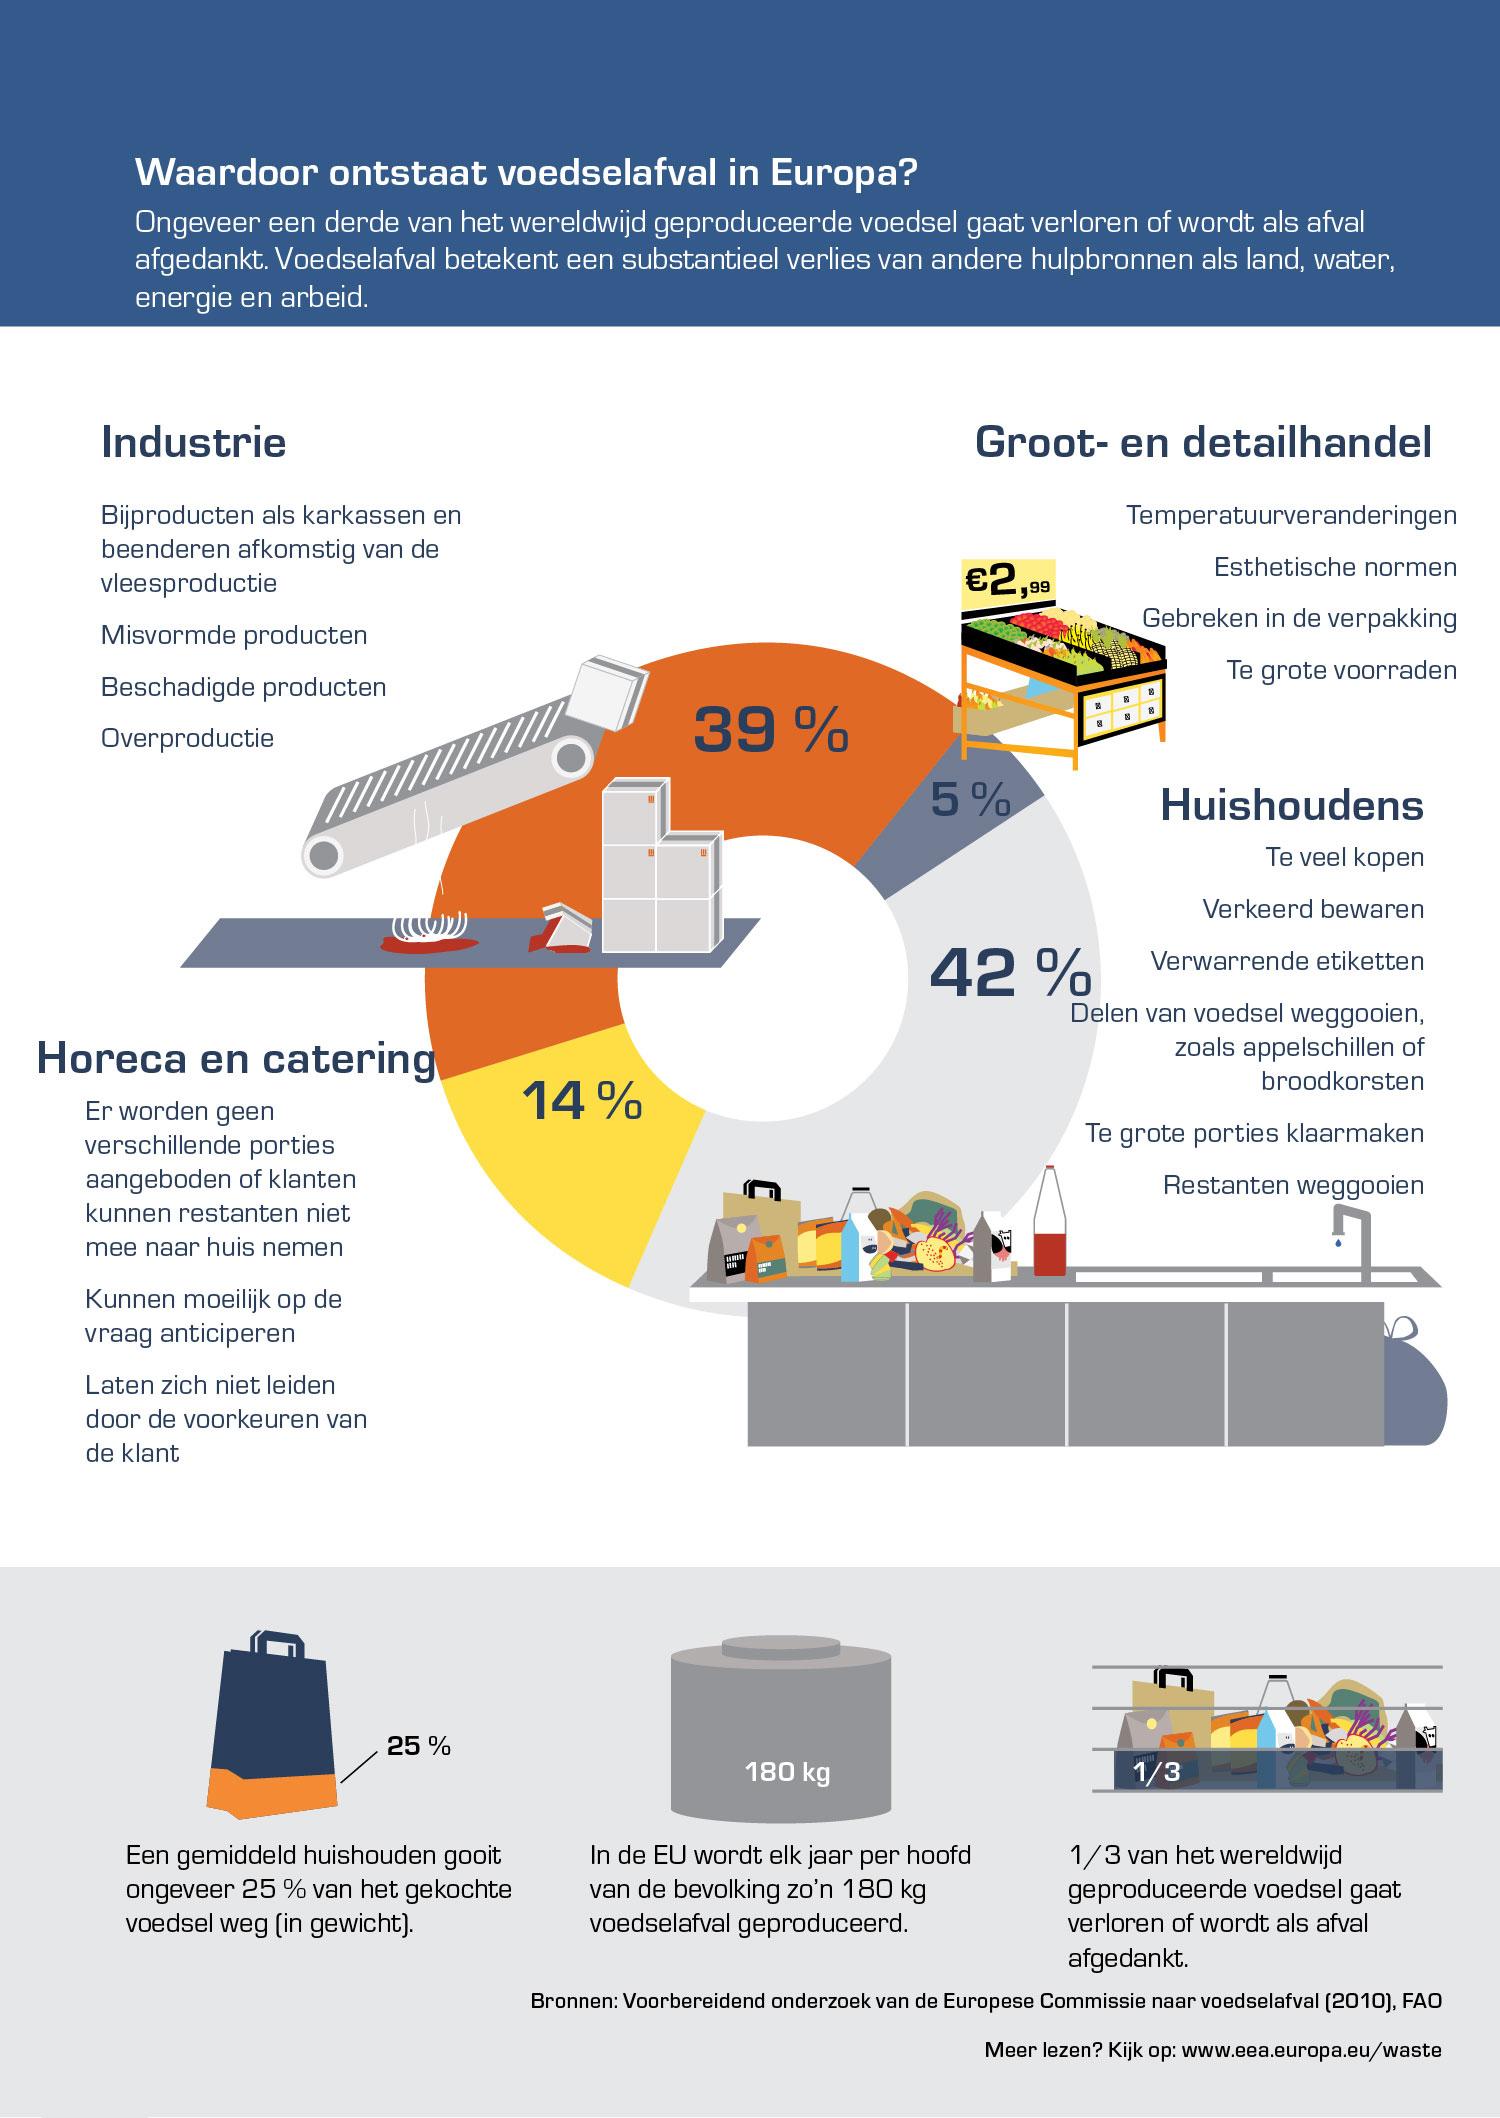 Waardoor ontstaat voedselafval in Europa?